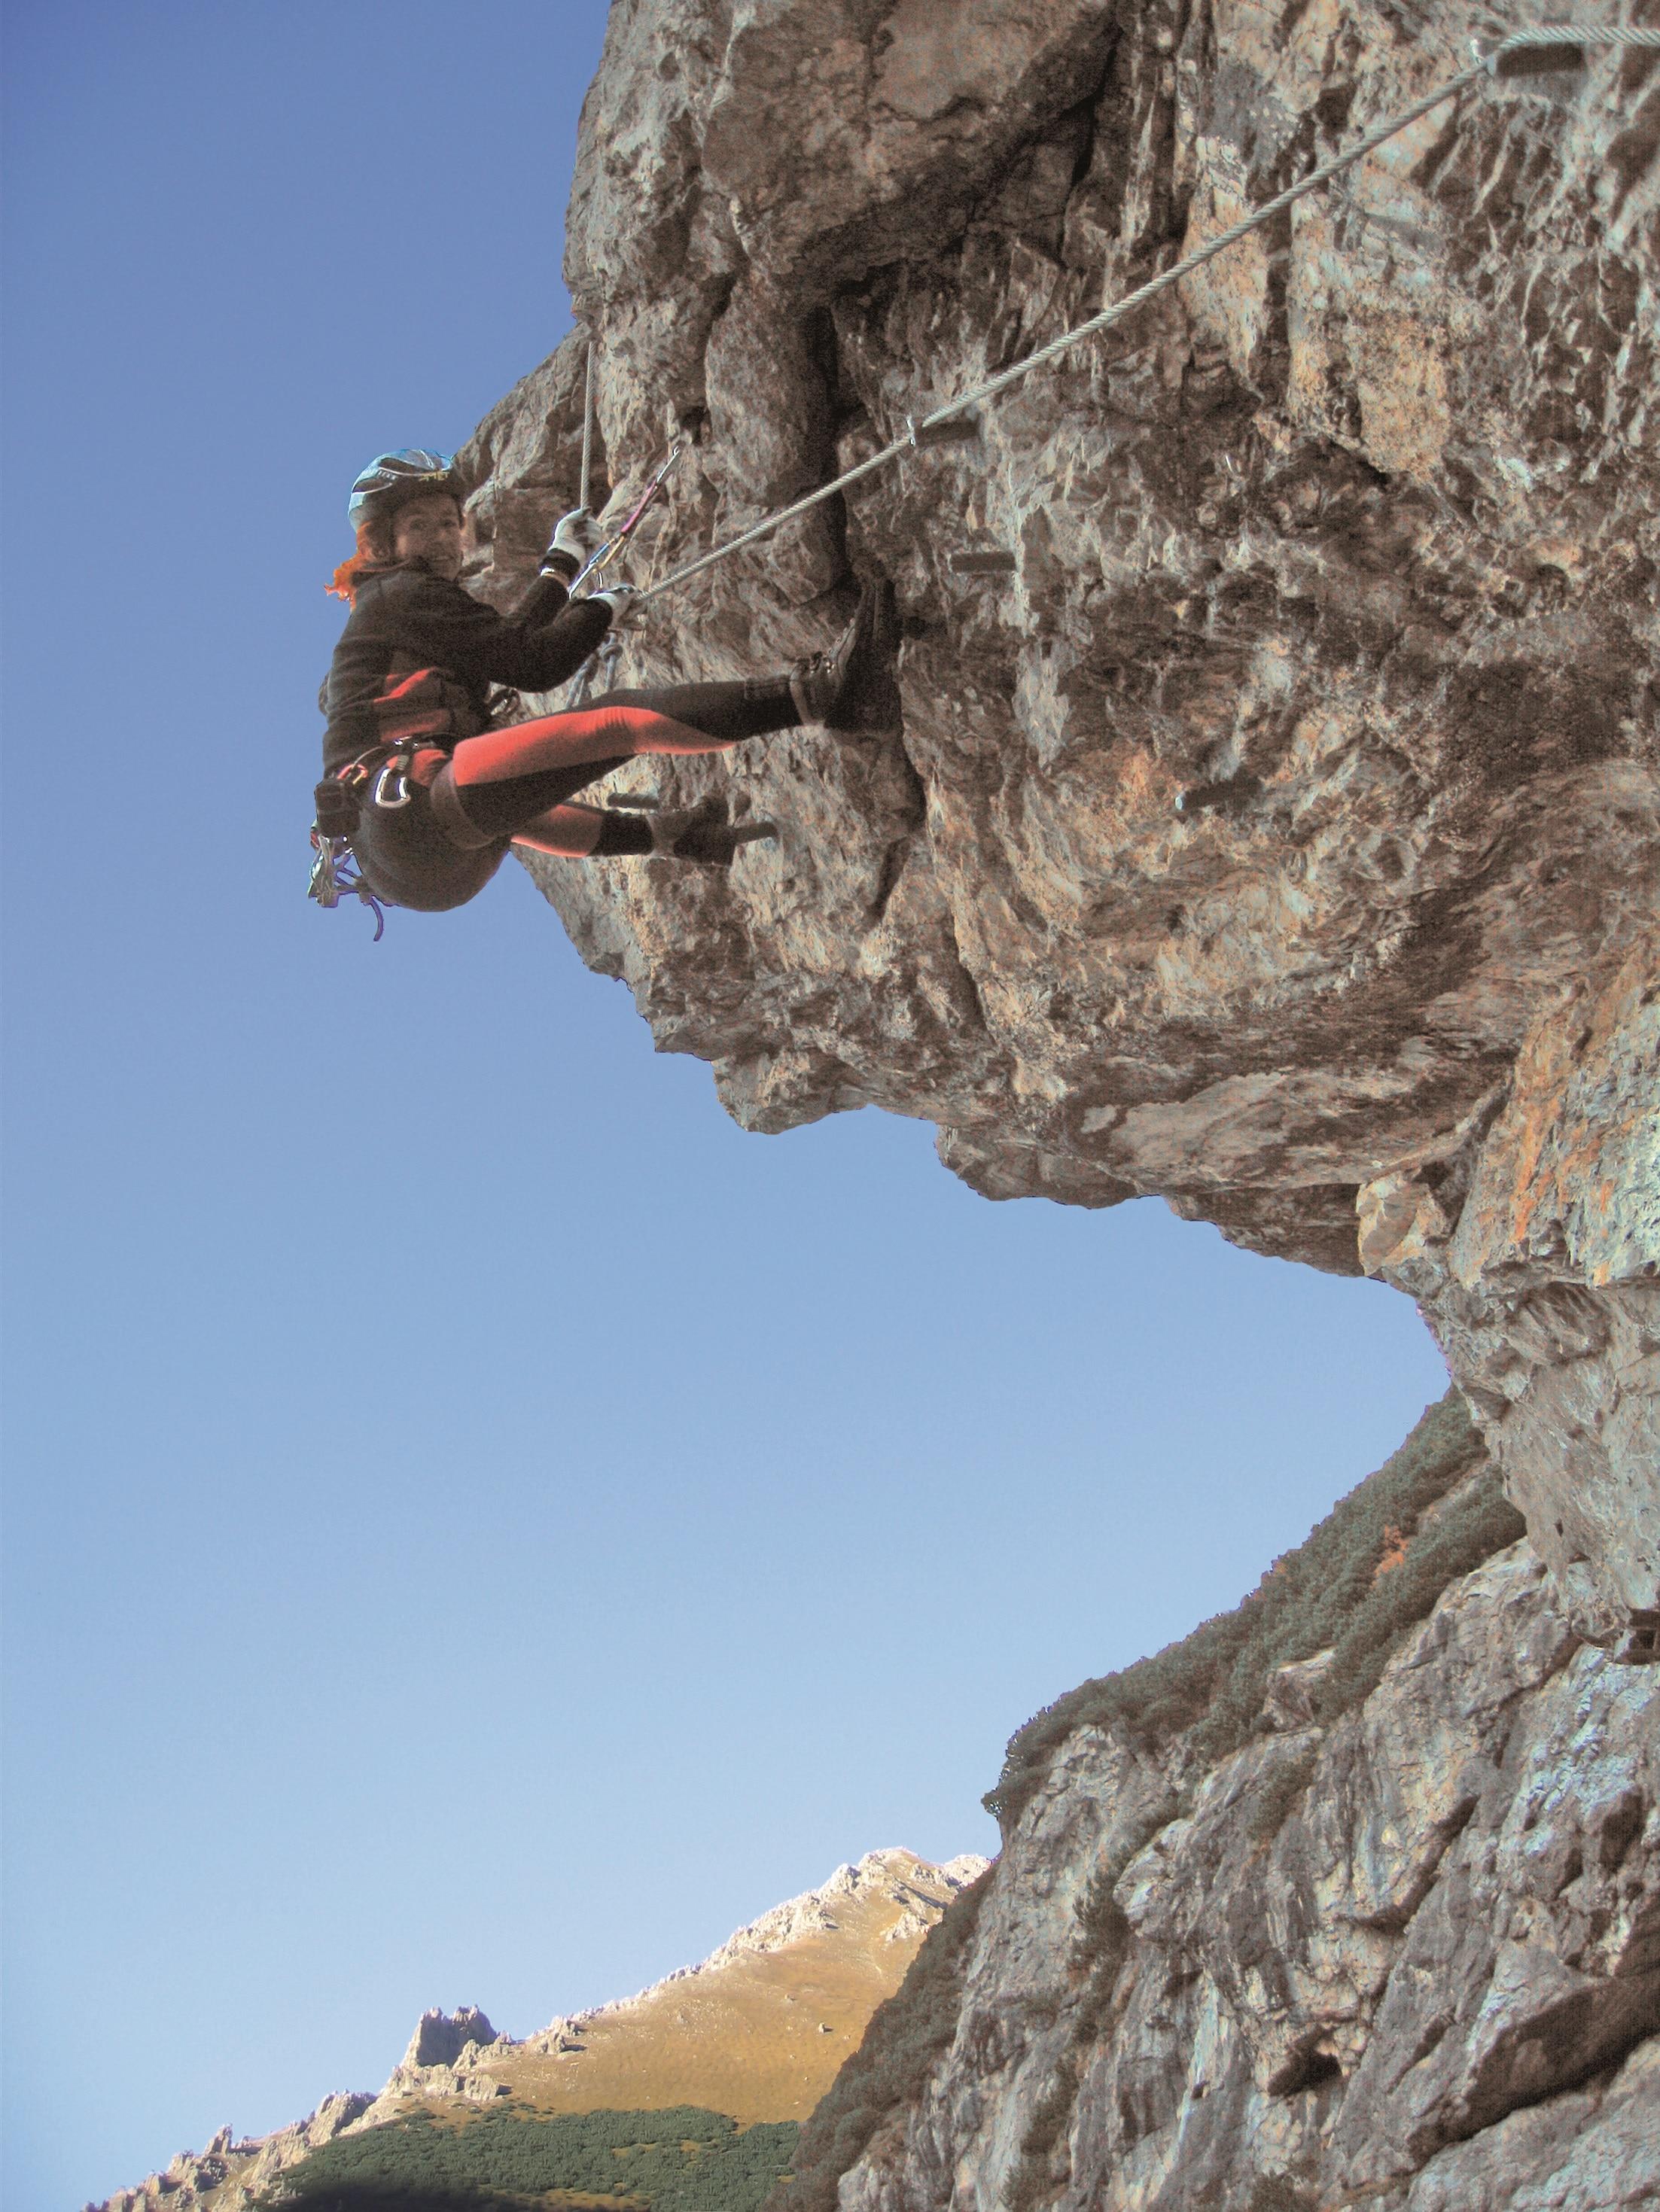 Klettersteig F : Bürgeralm klettersteig mit arenavariante f g